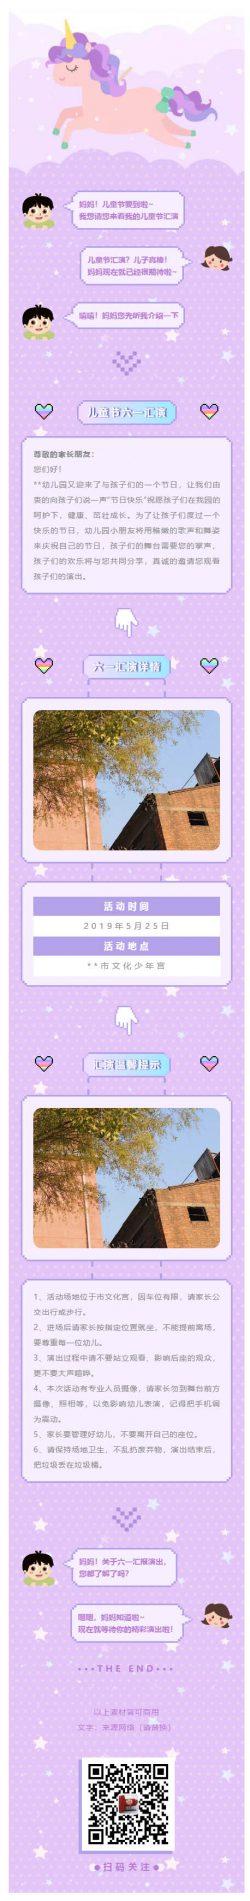 紫色卡通可爱风格小学幼儿园学校背景图小马微信儿童节模板推文